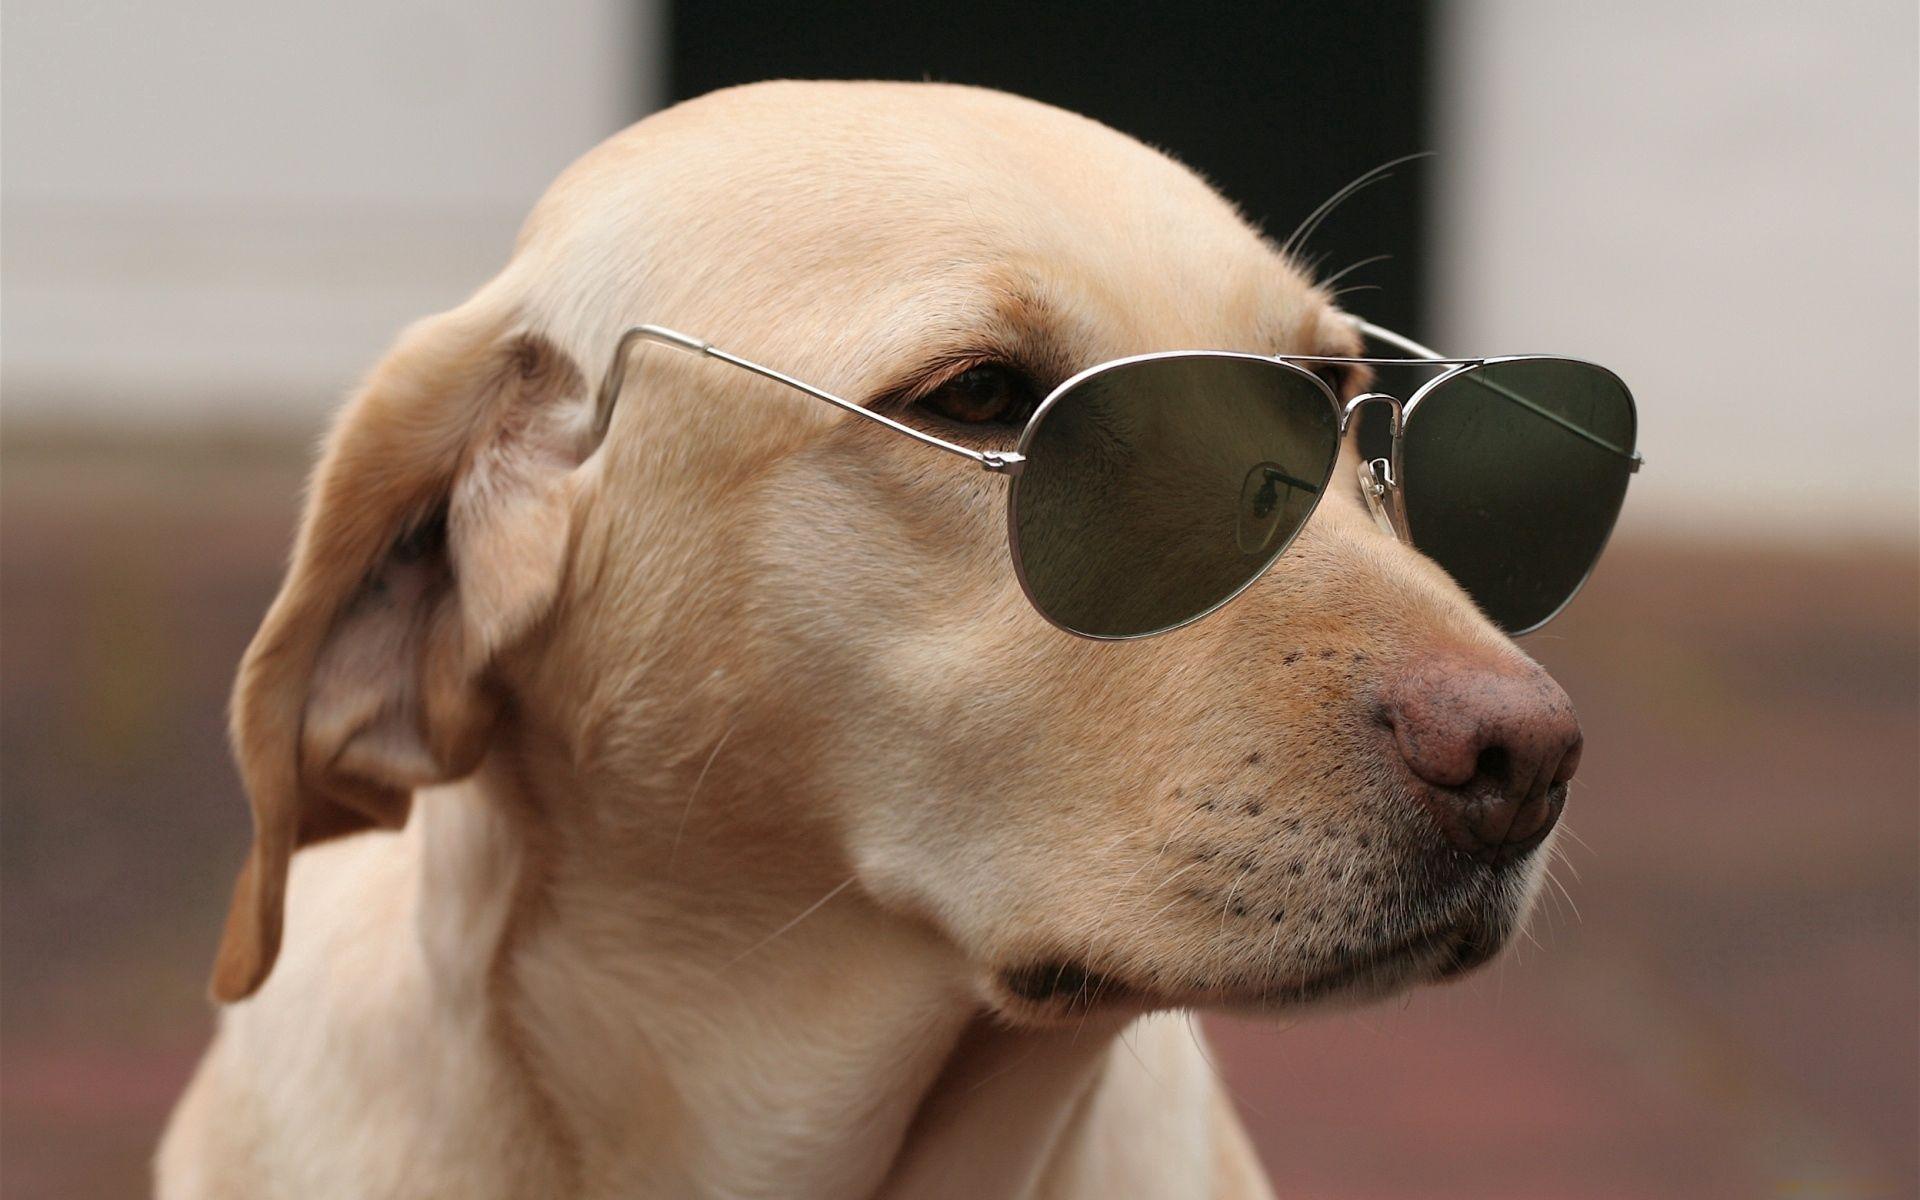 89773 скачать обои Животные, Собака, Морда, Очки, Модный - заставки и картинки бесплатно